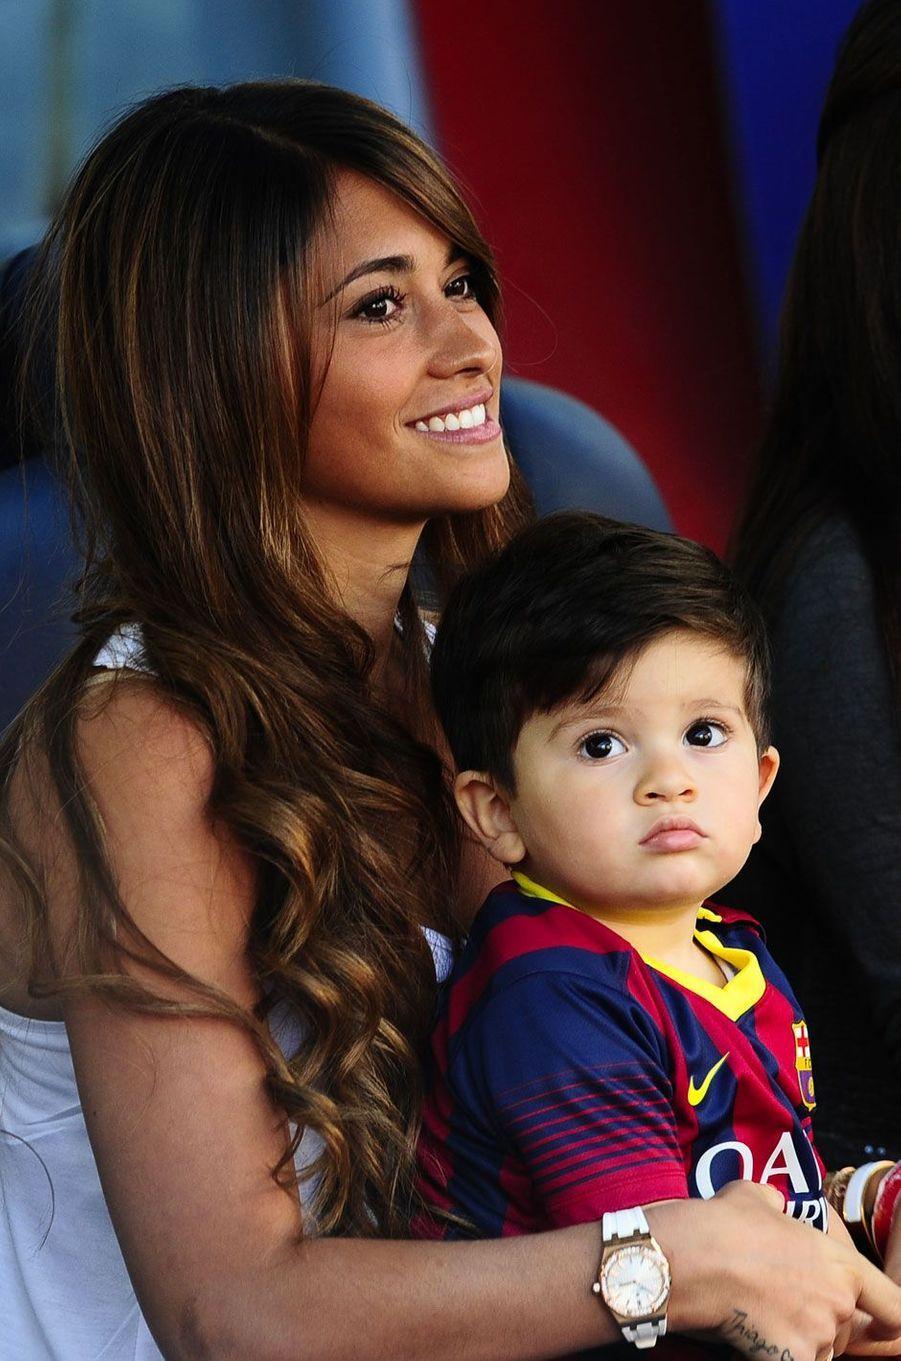 Antonella Roccuzzo et son fils en 2014